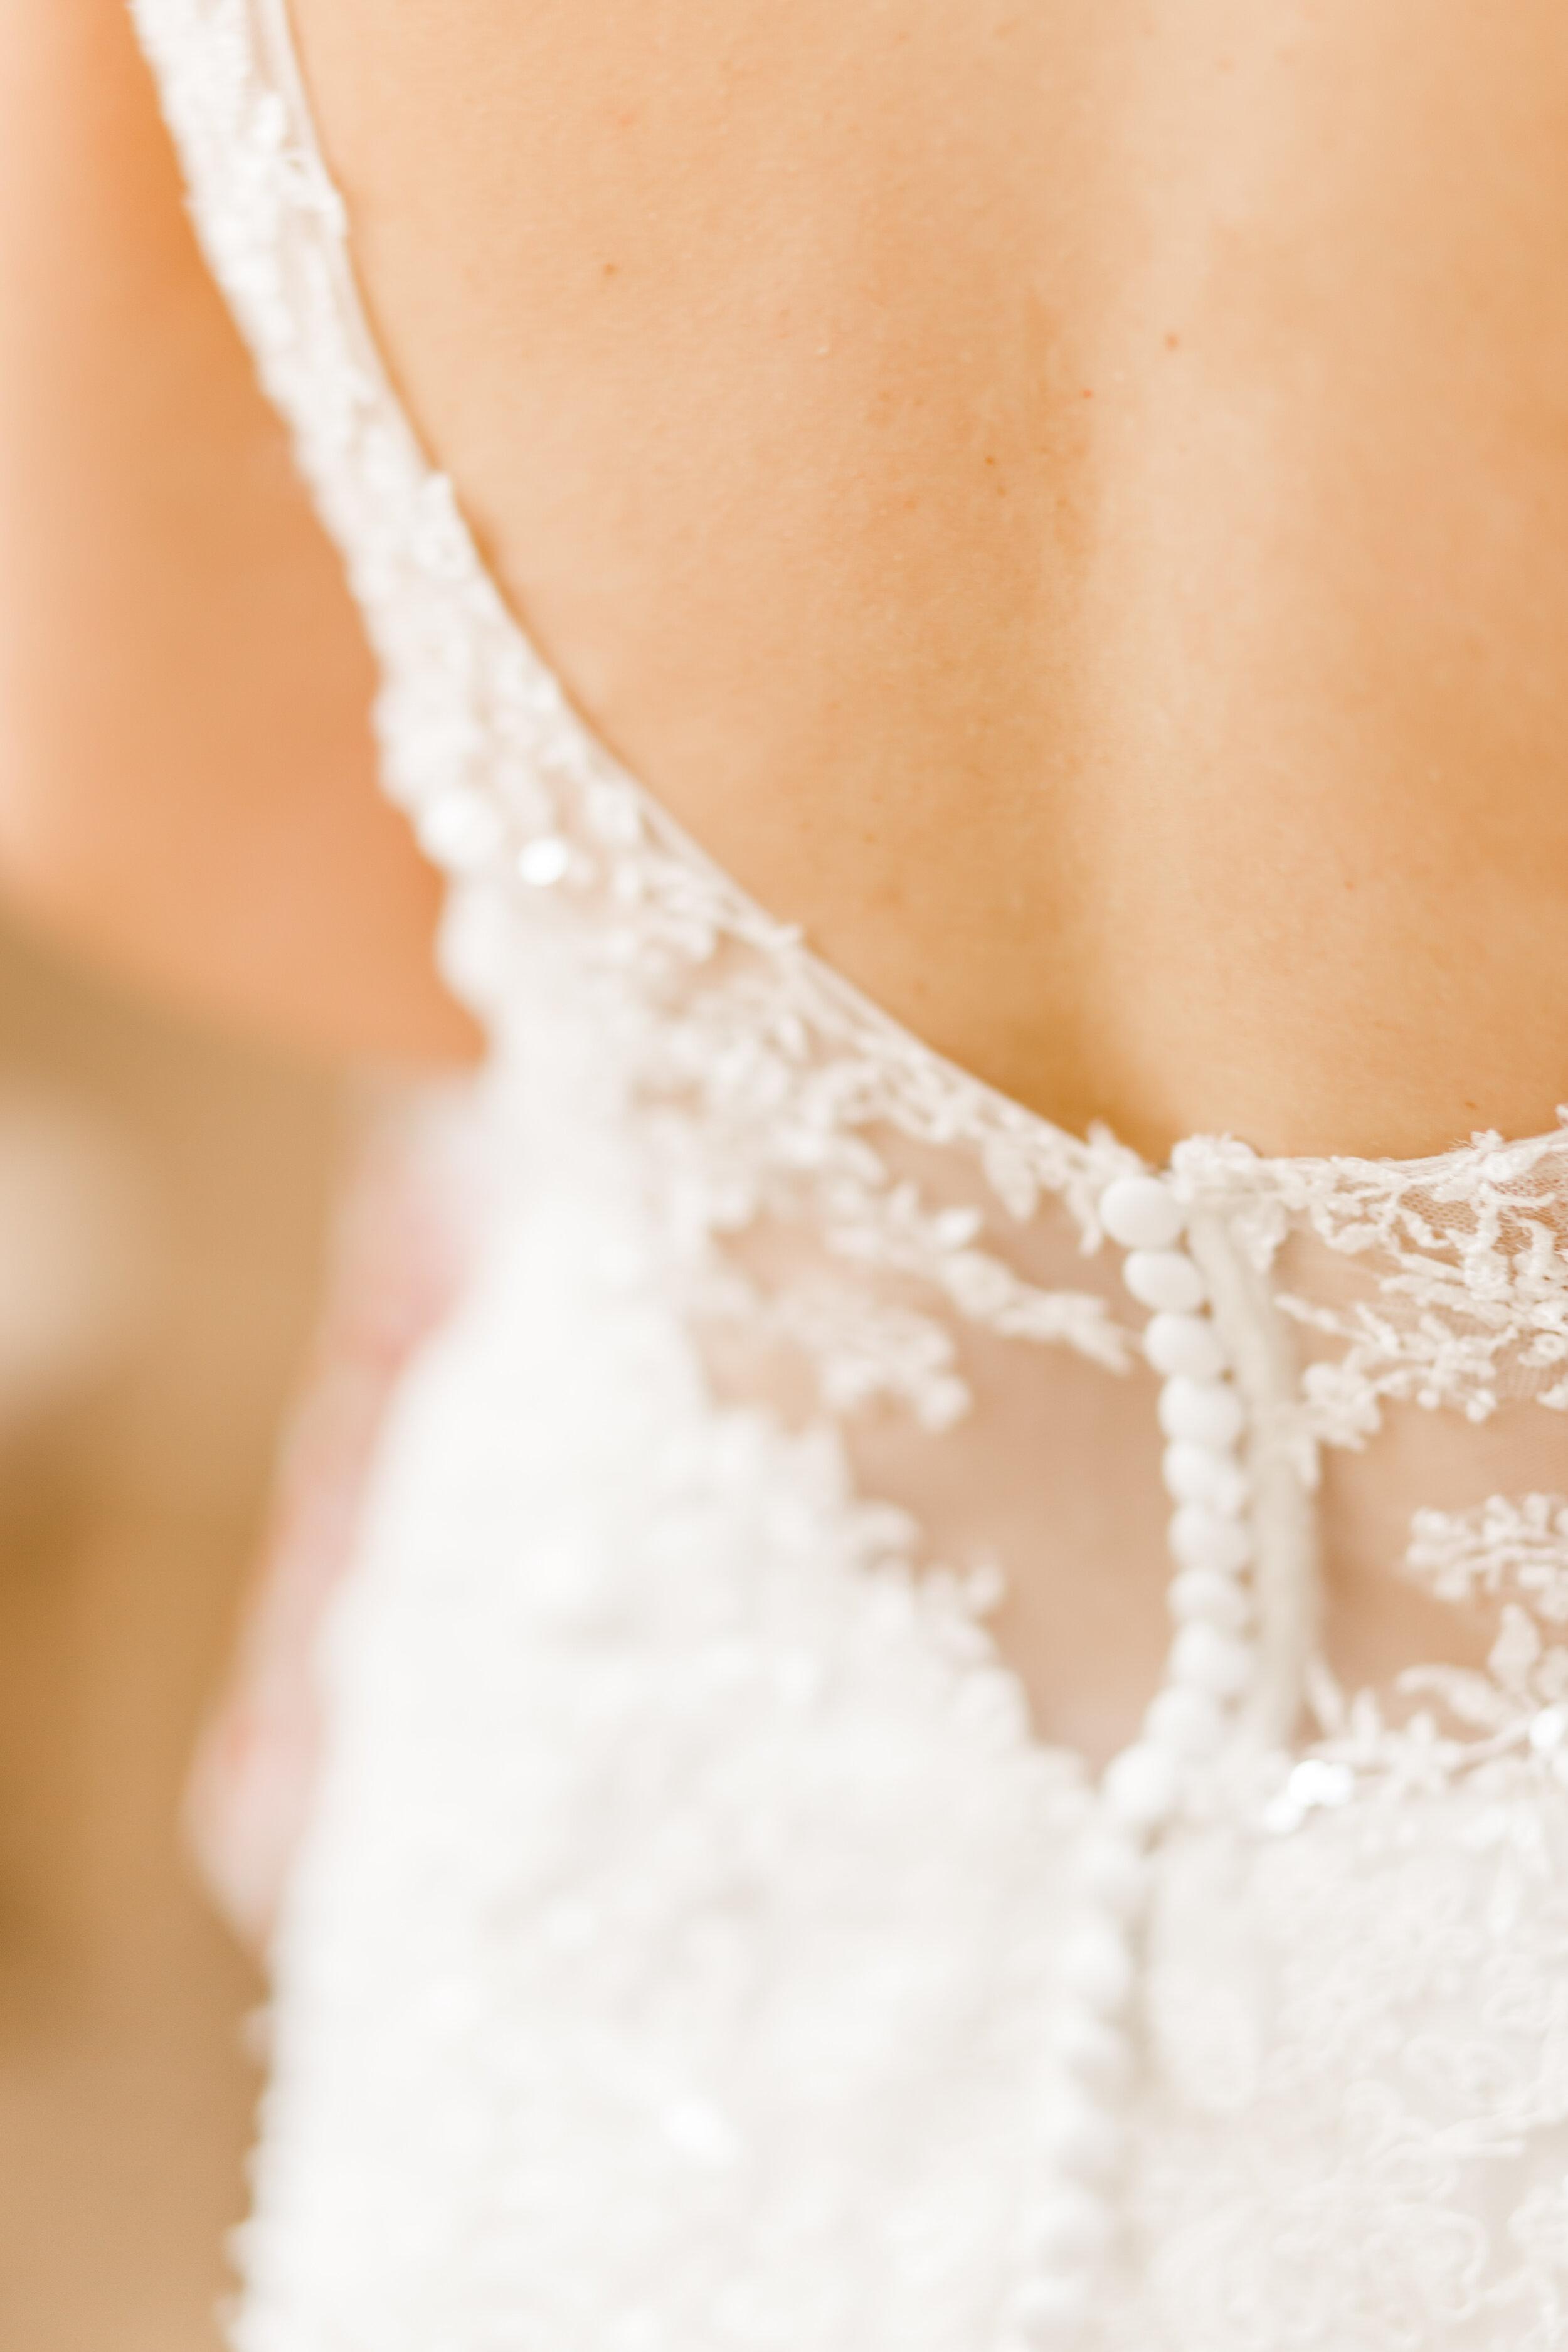 S&B Wedding - Getting Ready & Details-39.jpg